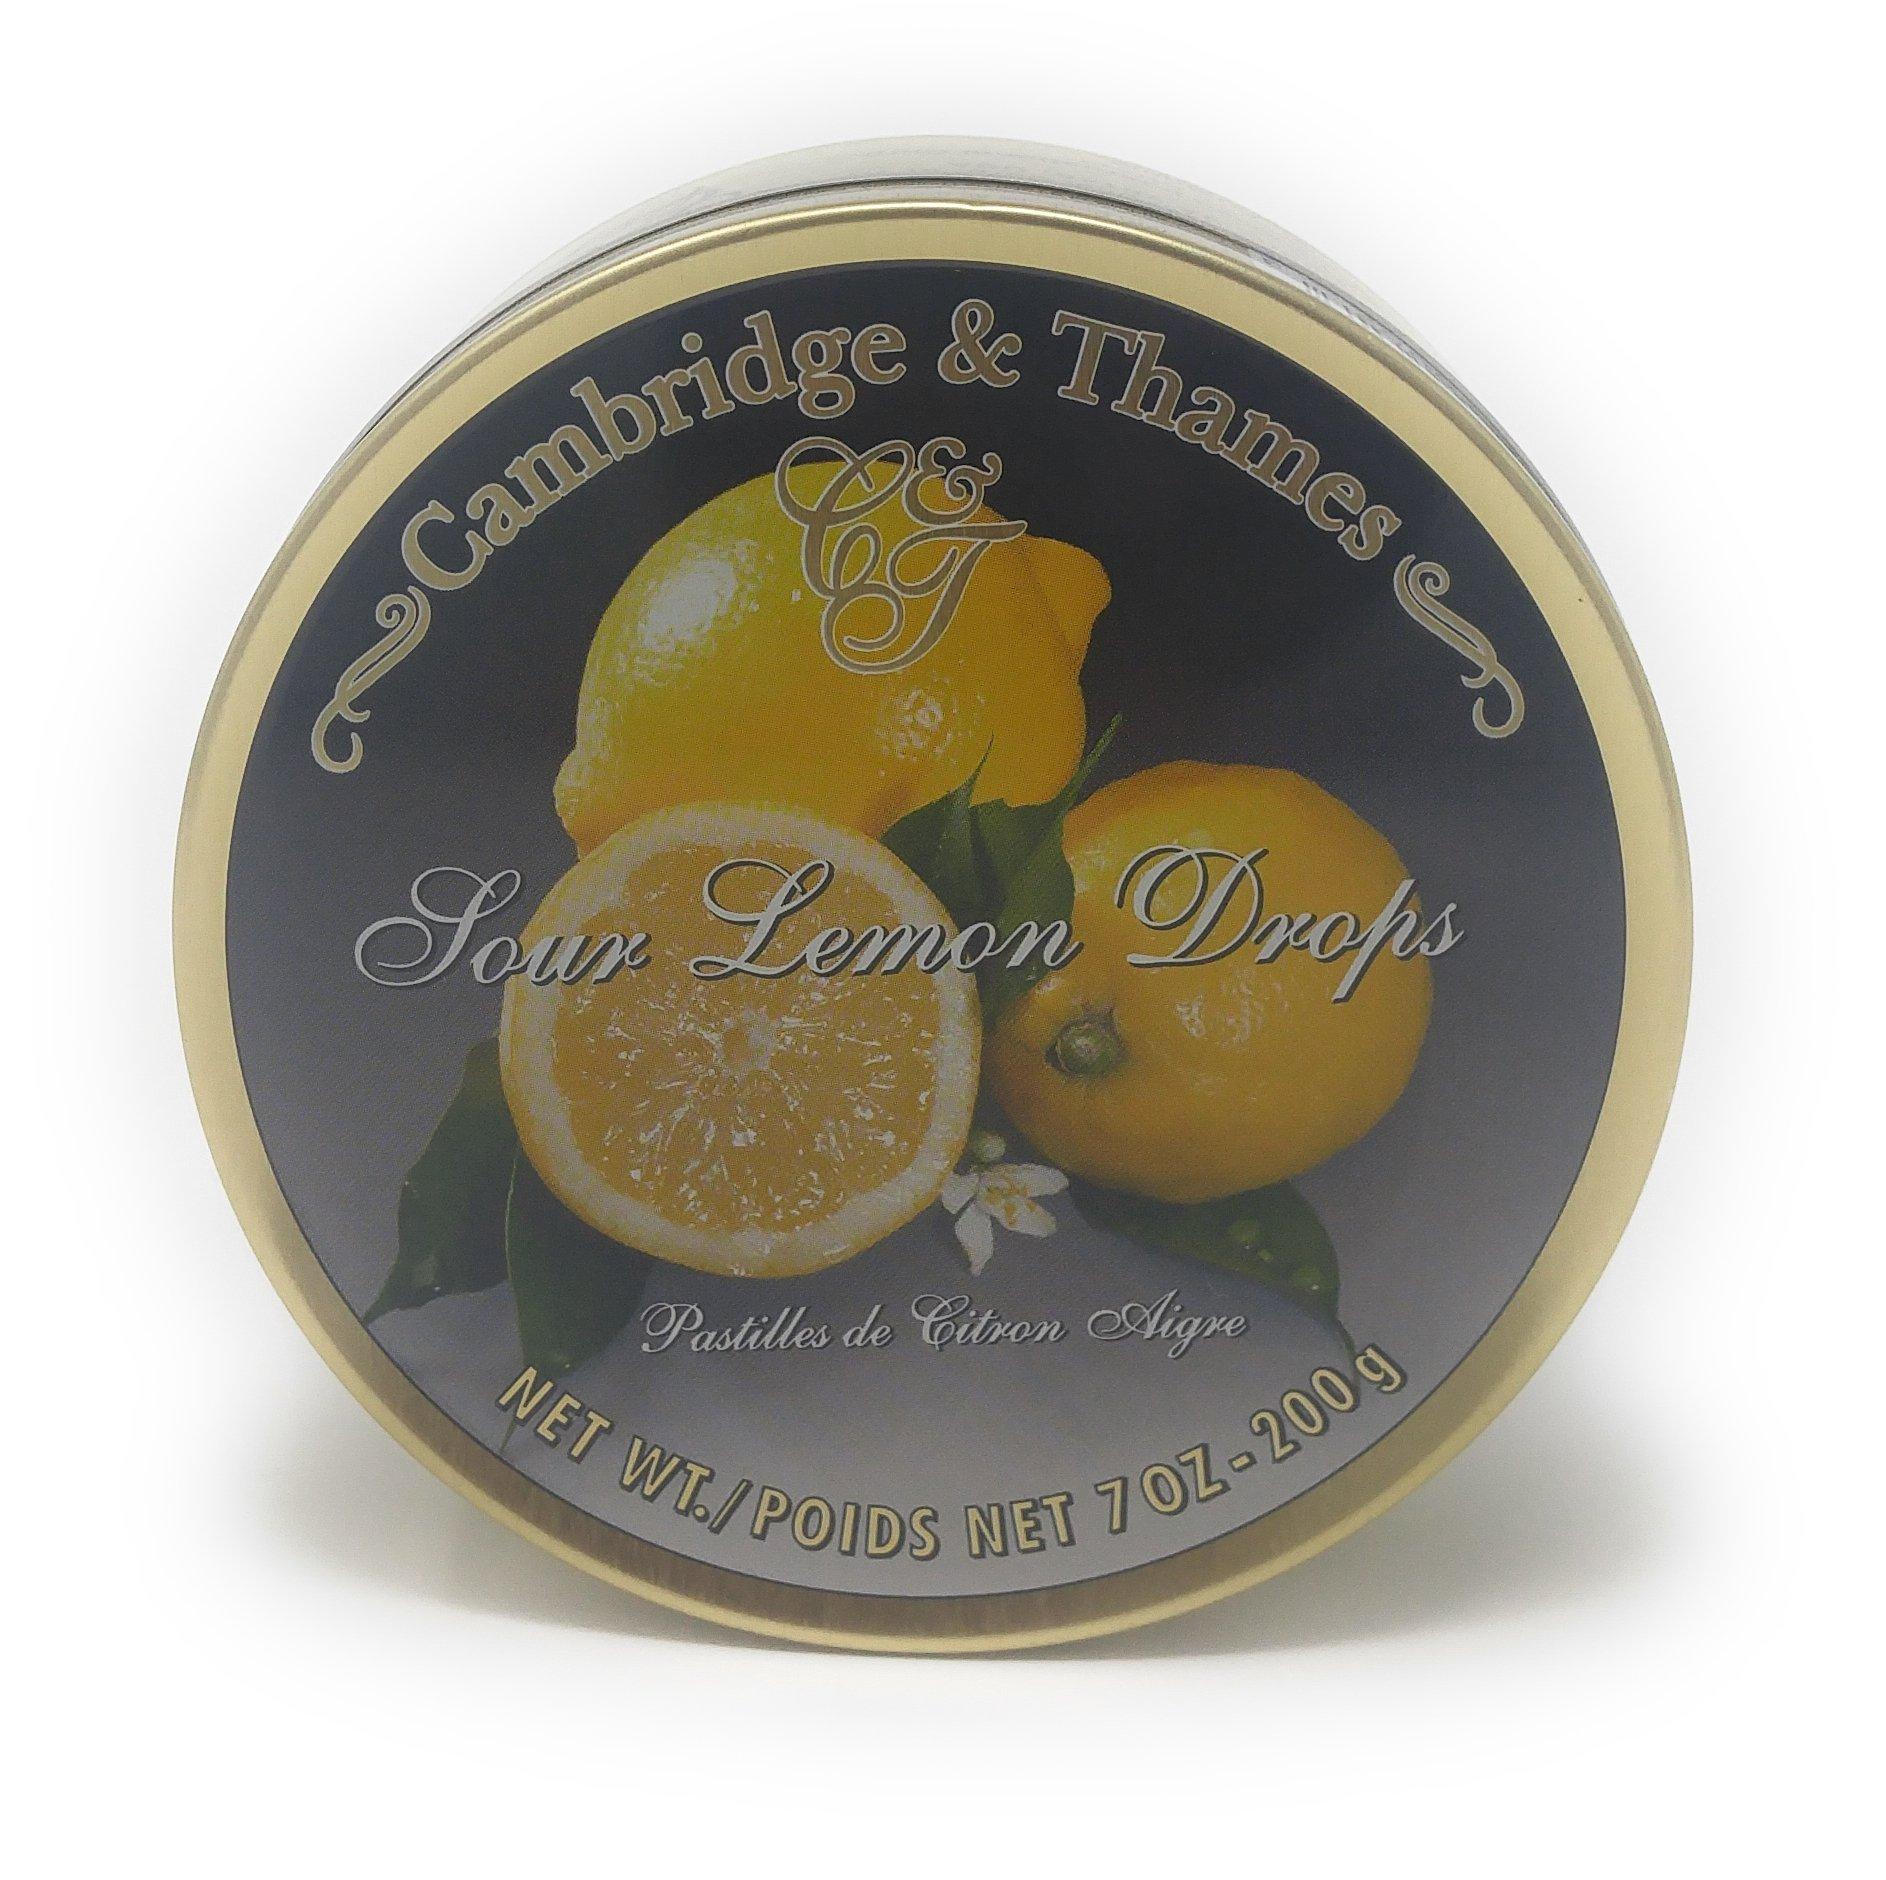 Cambridge & Thames Sour Lemon Drops (7 Oz.) Master Pack of 10